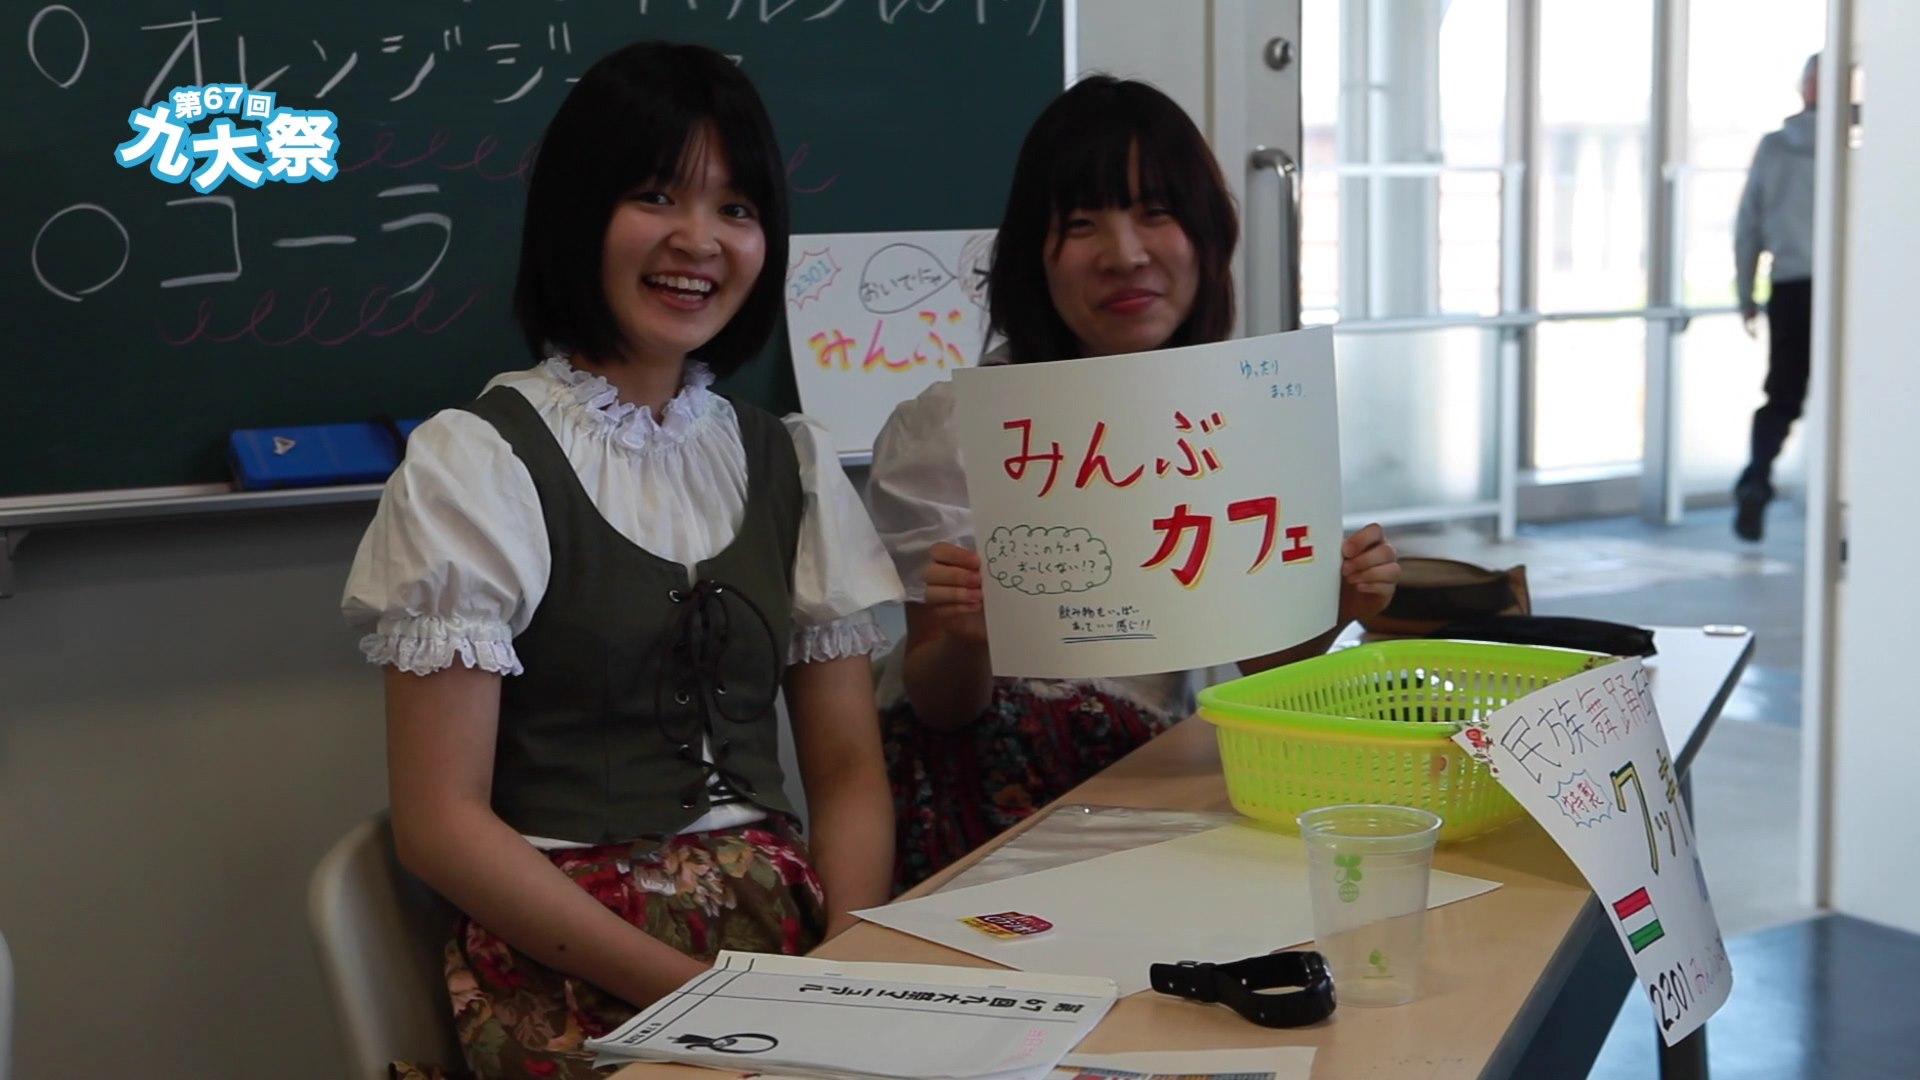 第67回 九州大学学祭.mov_000229230